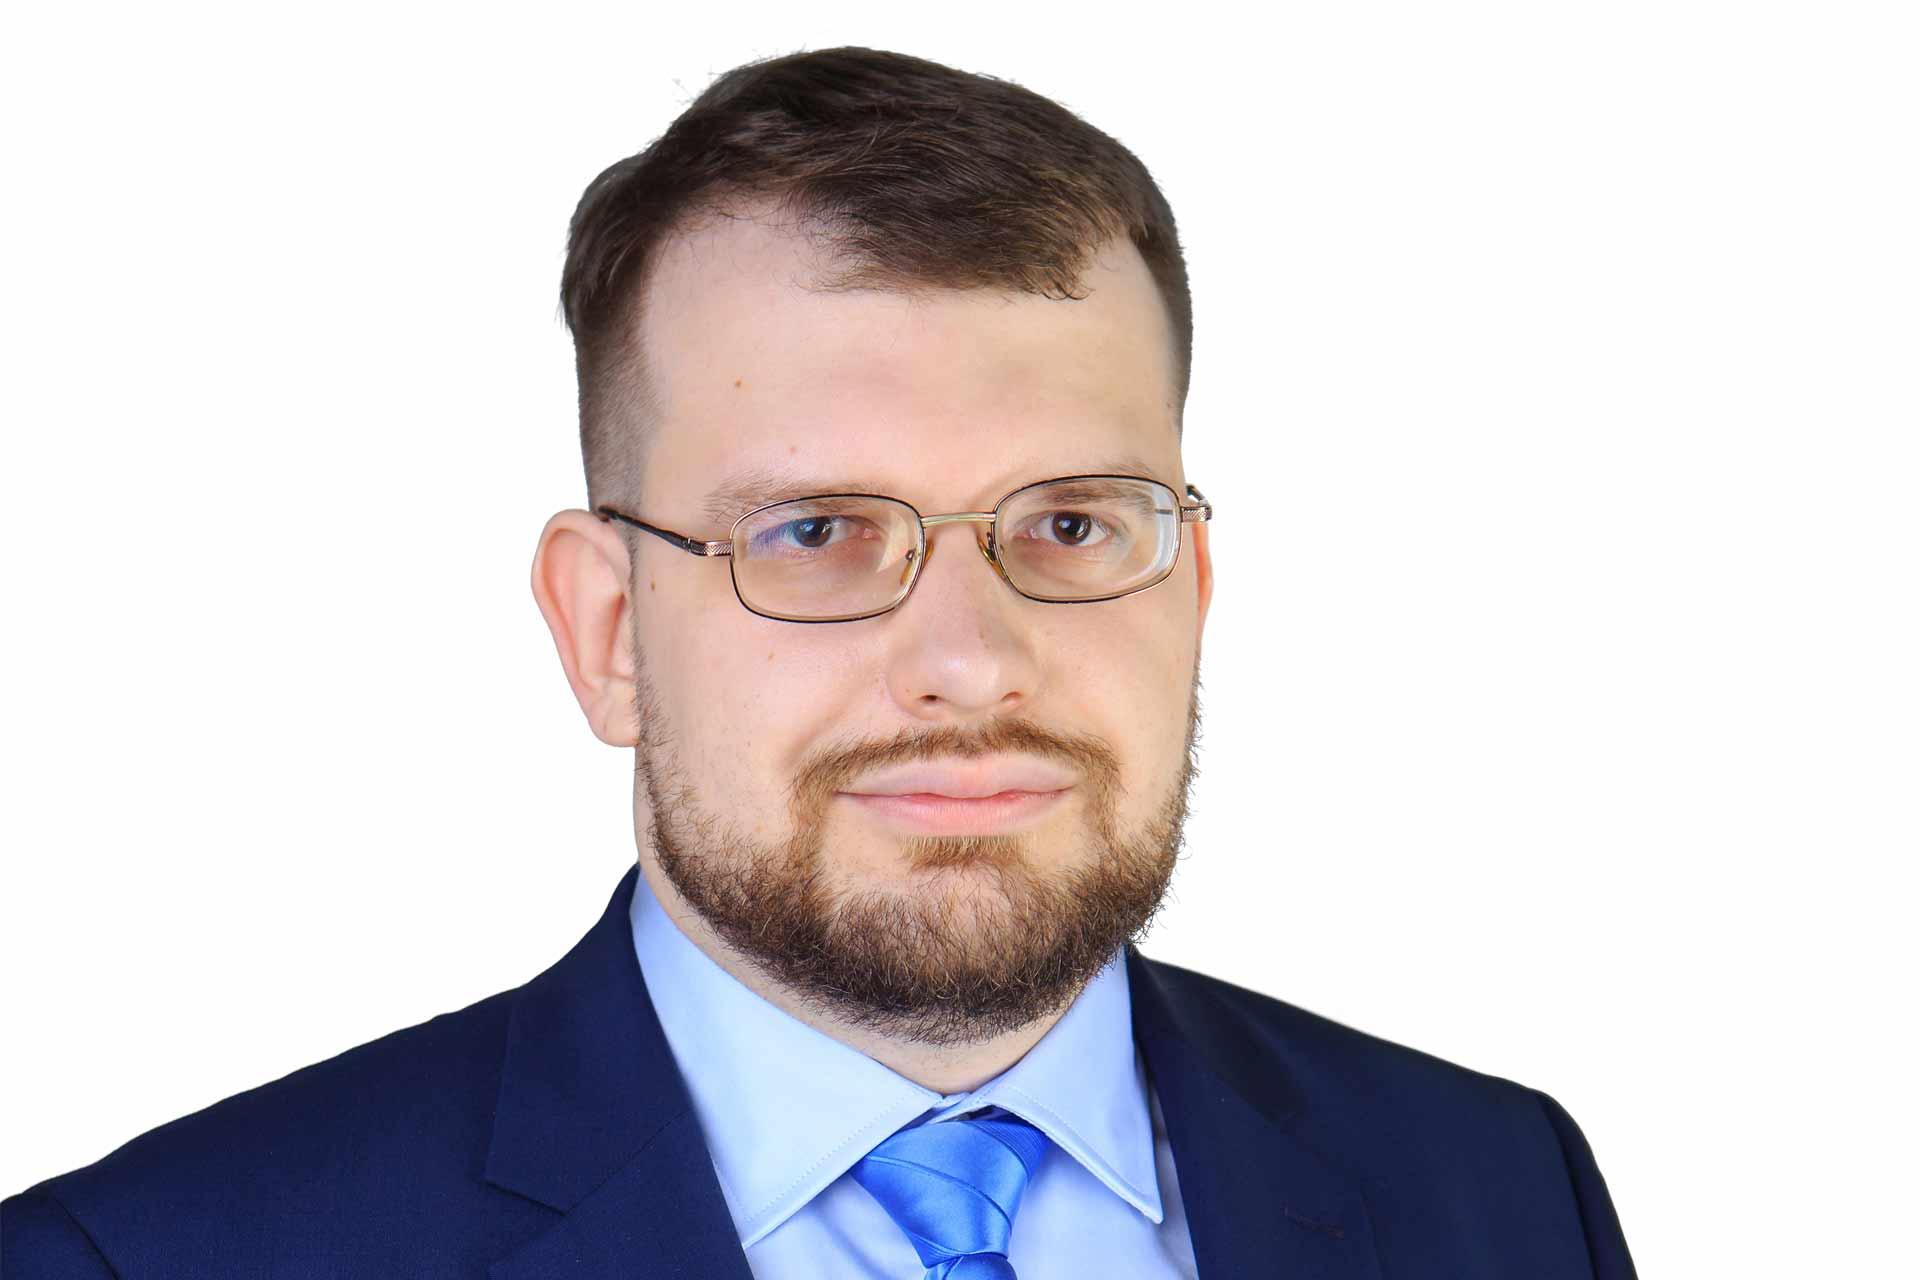 Алексей Астафьев, соучредитель и коммерческий директор Digital-агентства «Интериум»